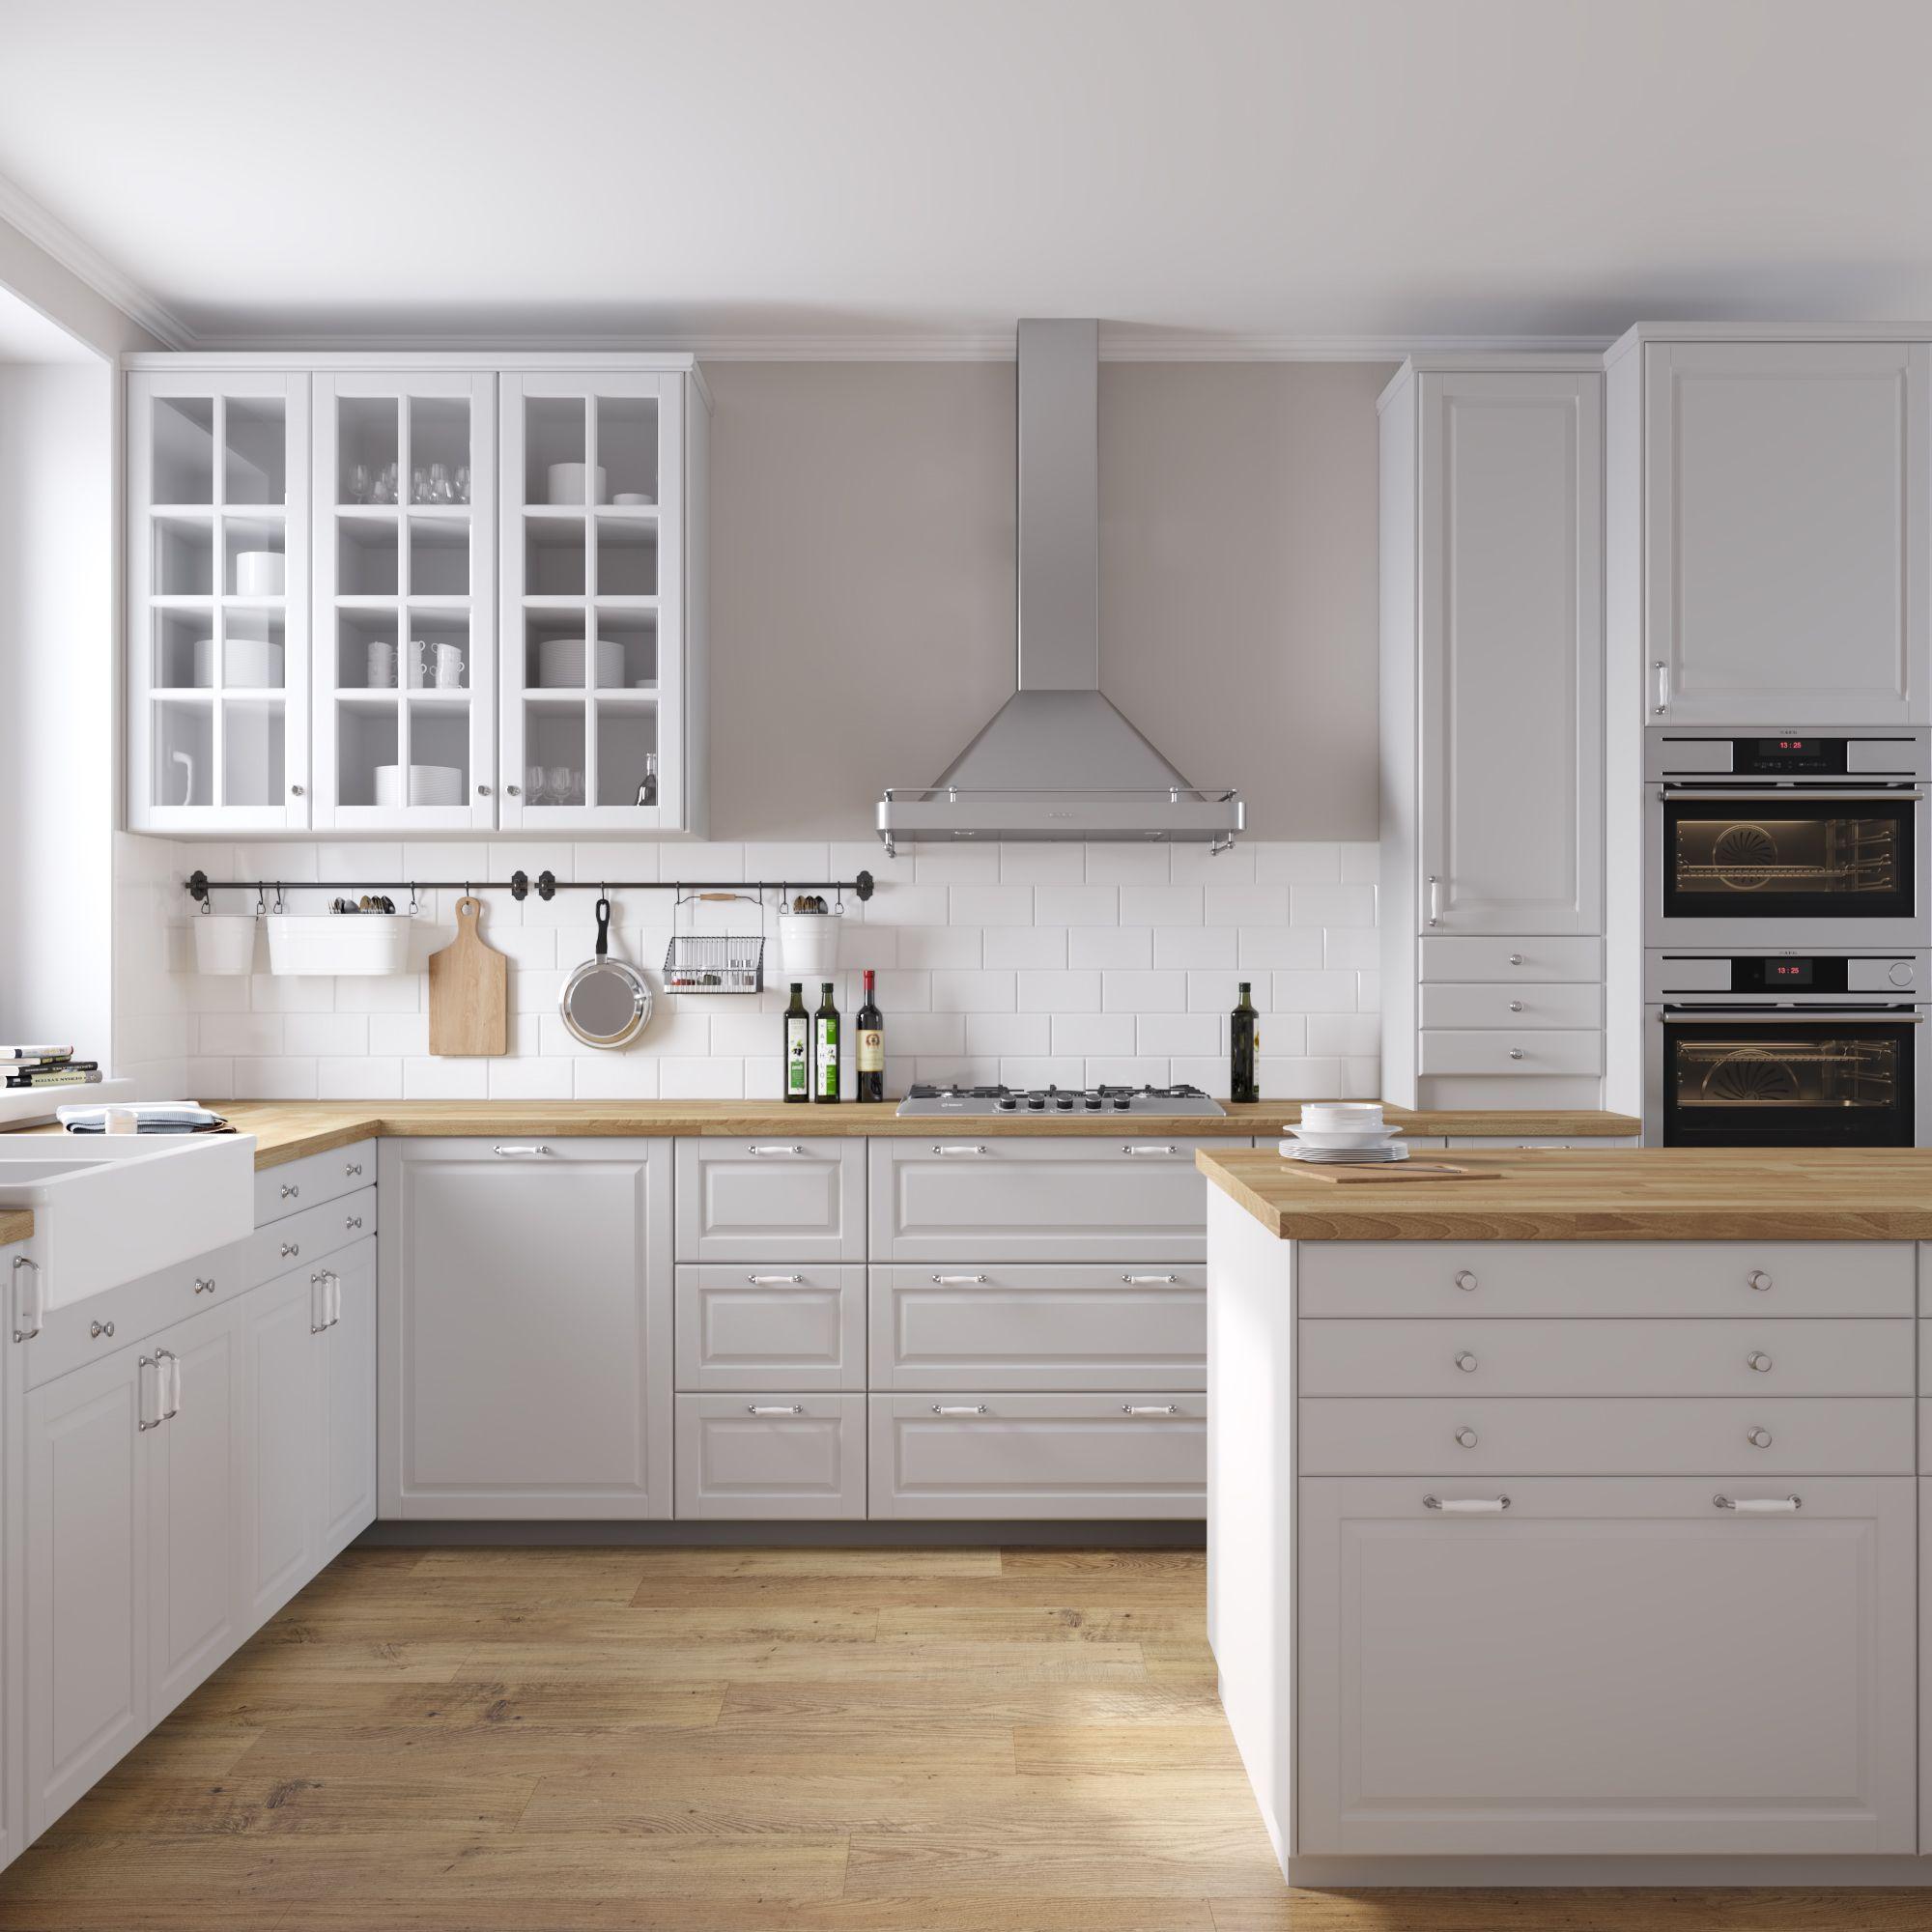 Ikea bodbyn 3D TurboSquid 1195775 i 2020 Køkken